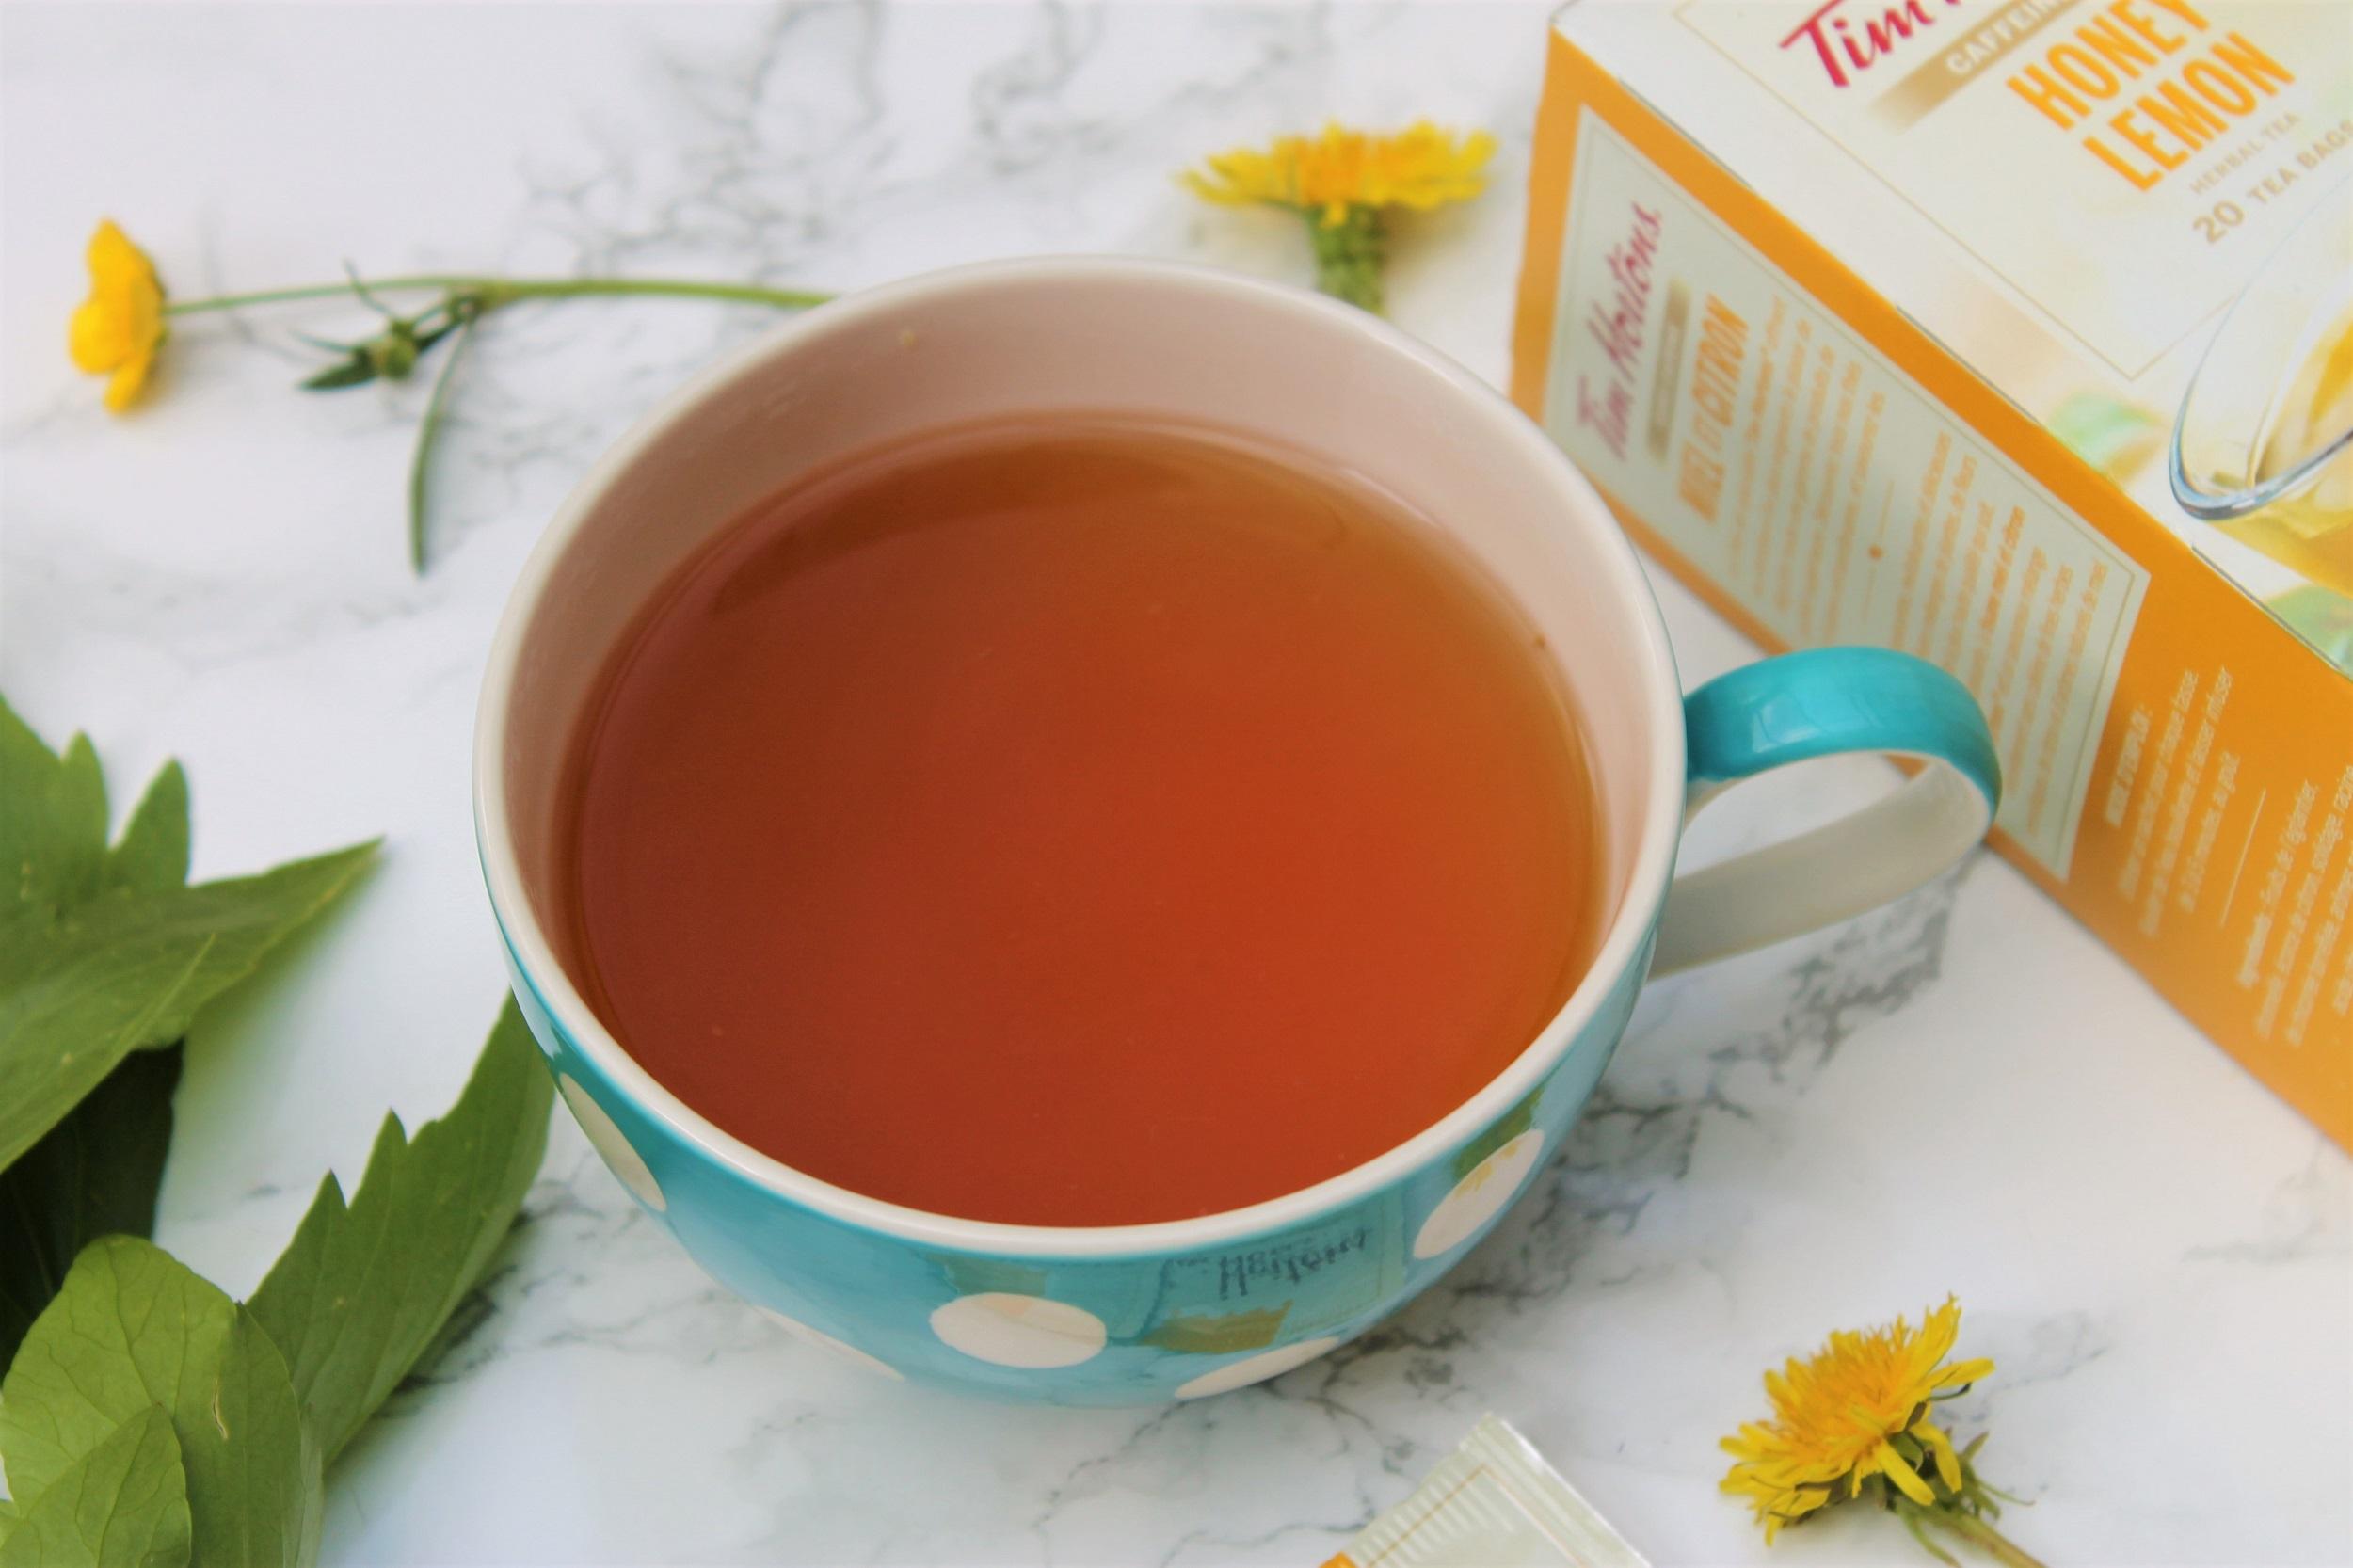 tim hortons herbal tea